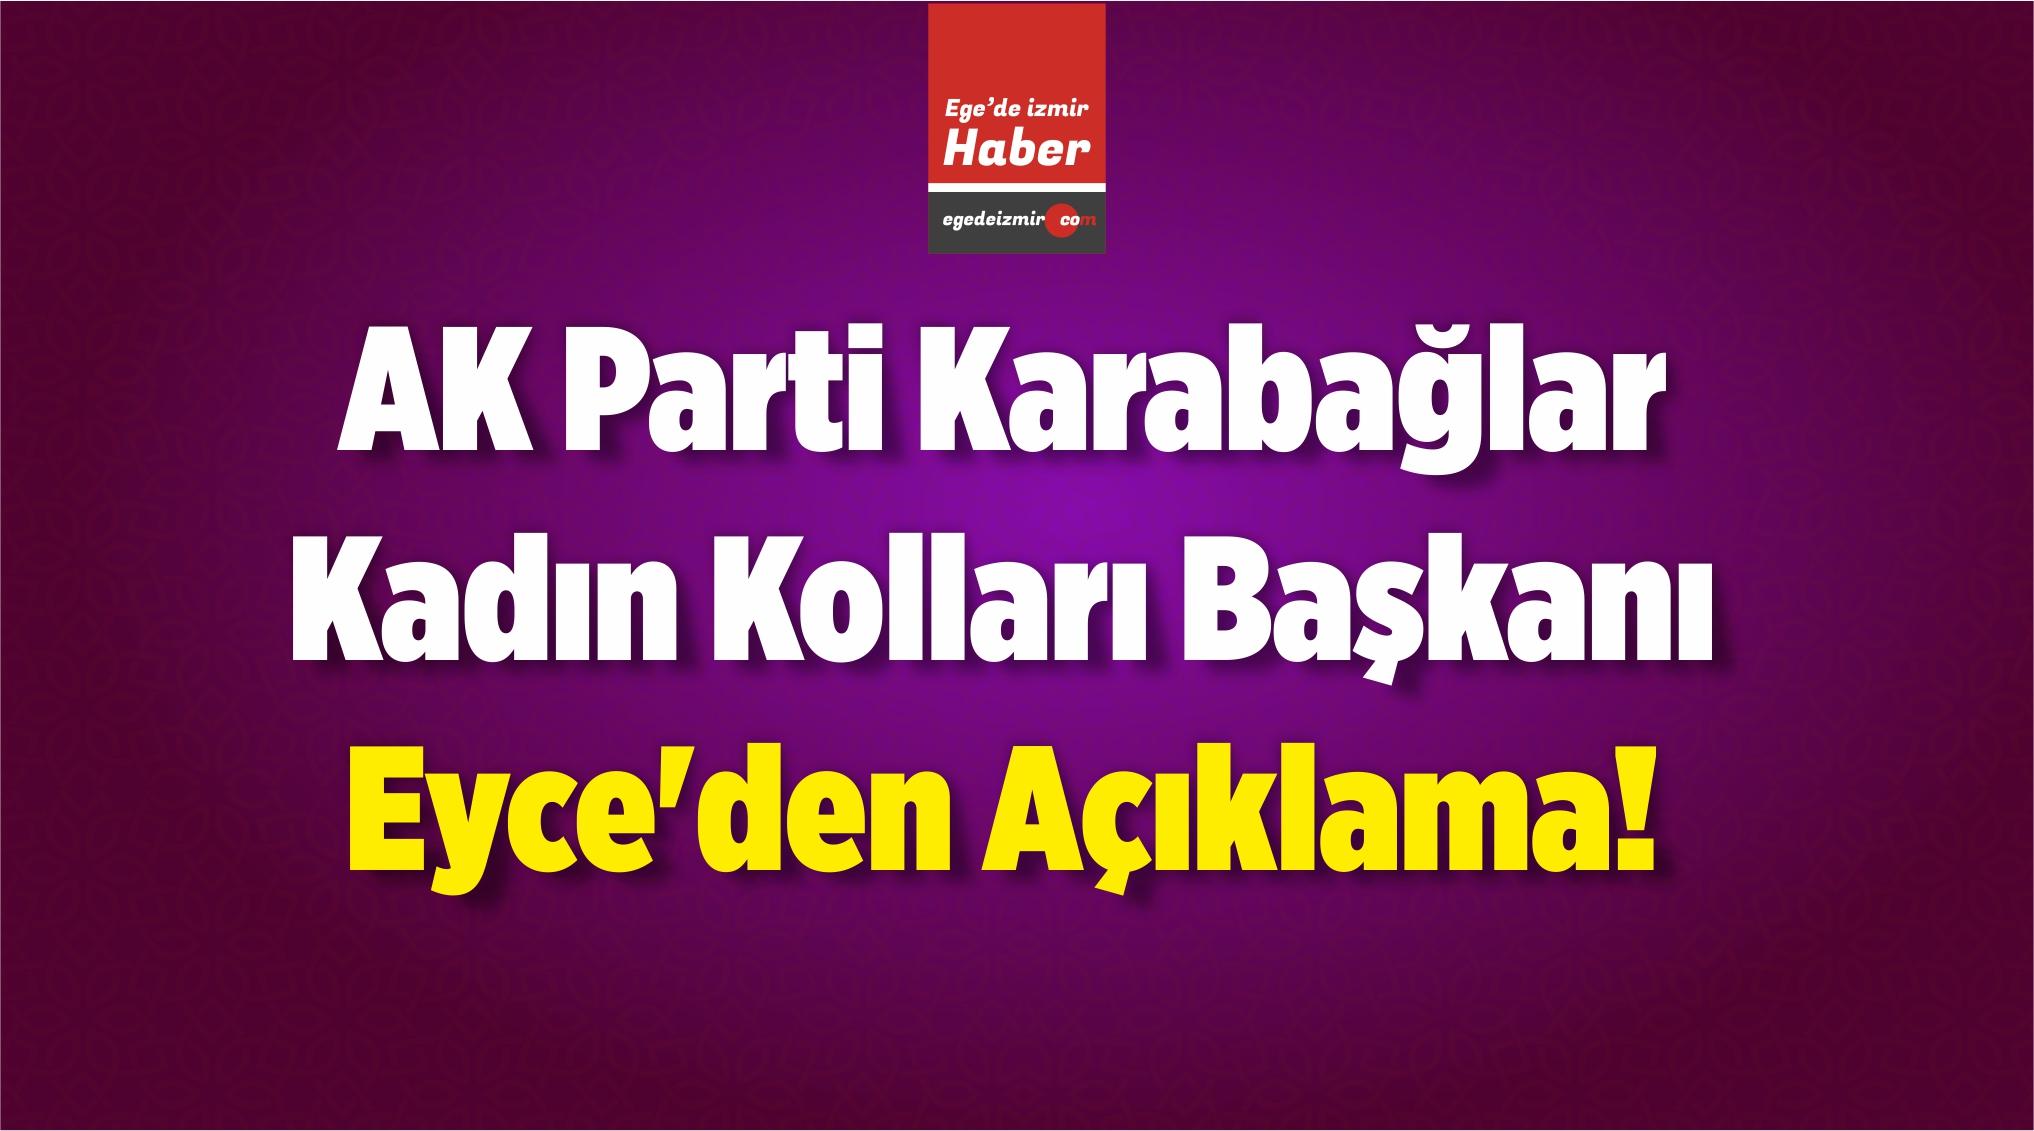 AK Parti Karabağlar Kadın Kolları Başkanı Eyce'den Açıklama!